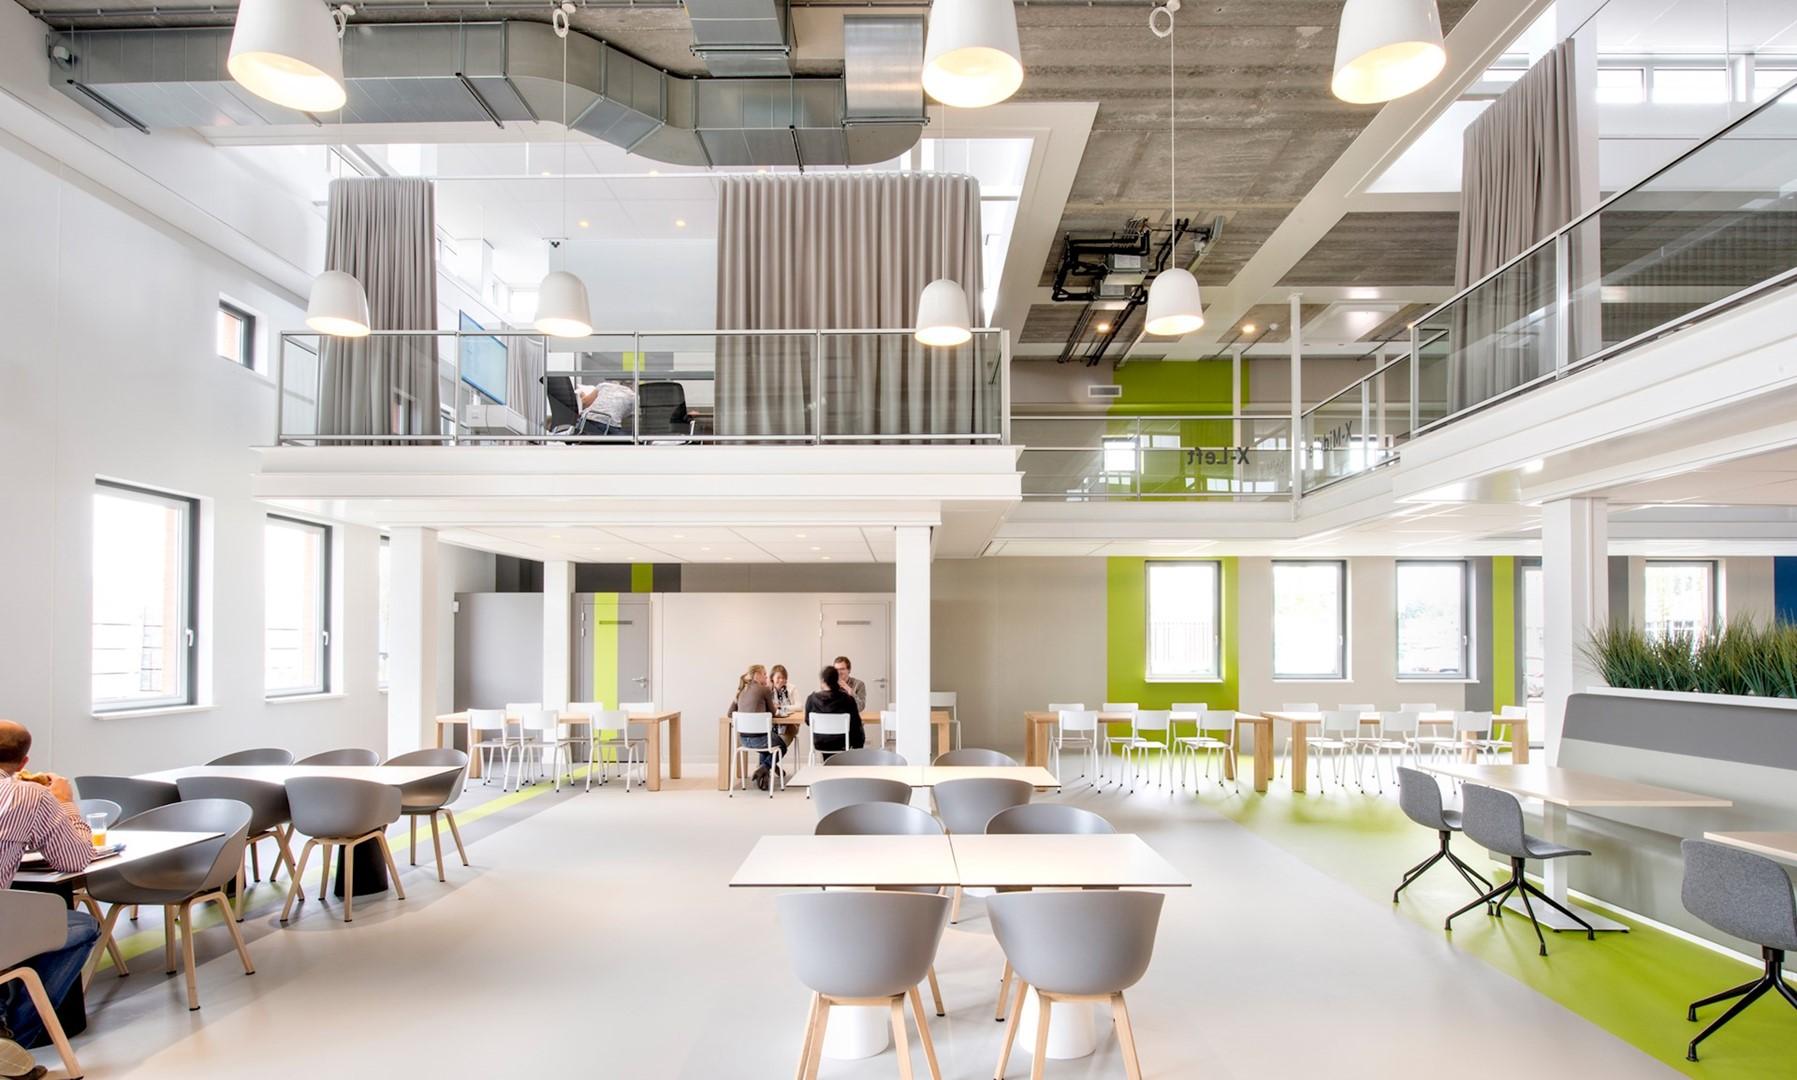 Dome-X, Oss - De Twee Snoeken Architectuur & Interieur